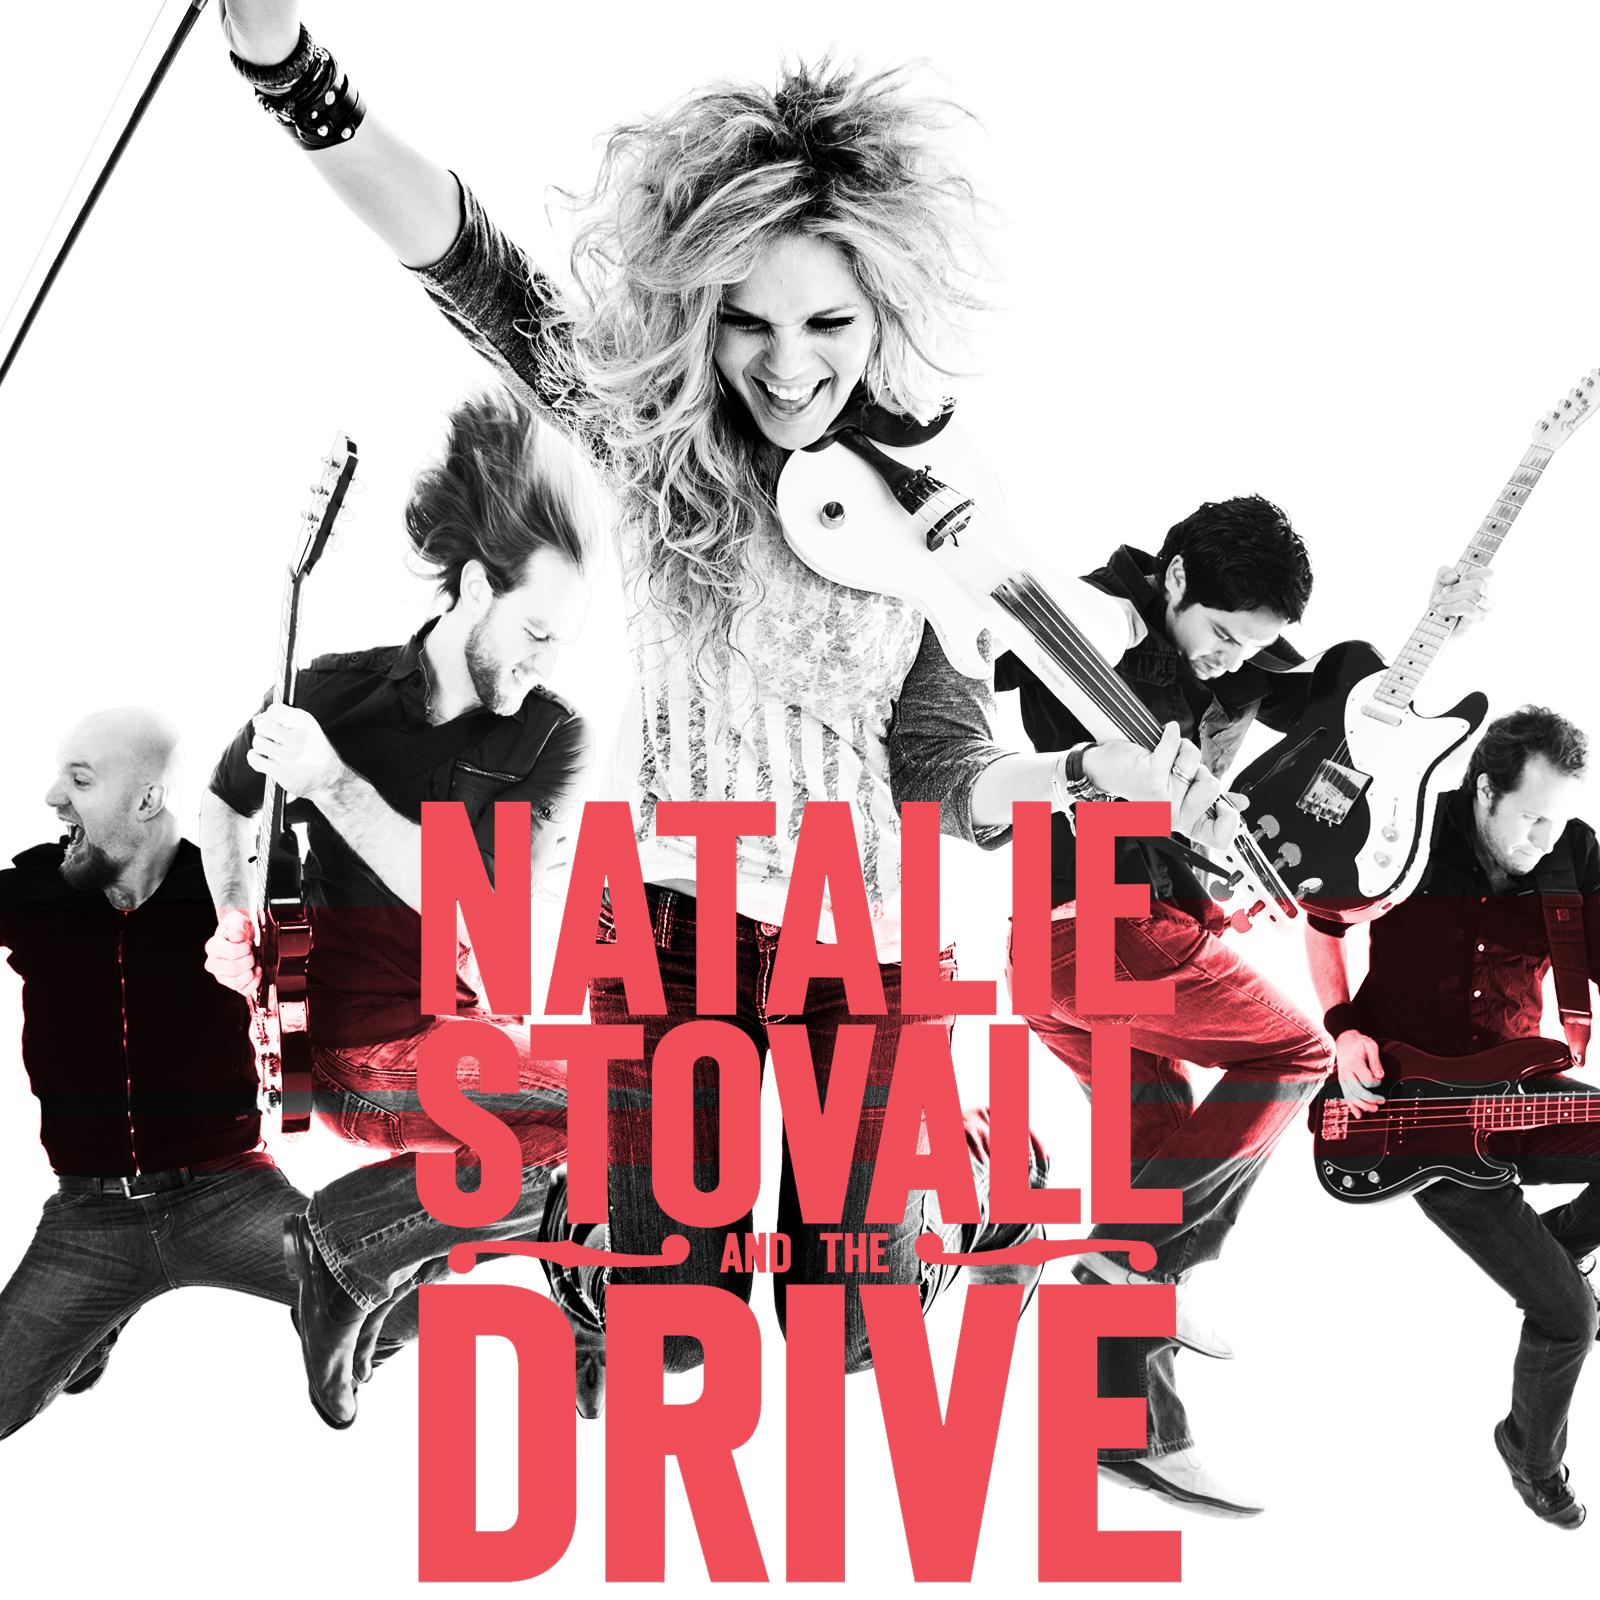 NSATD-iTunes.jpg